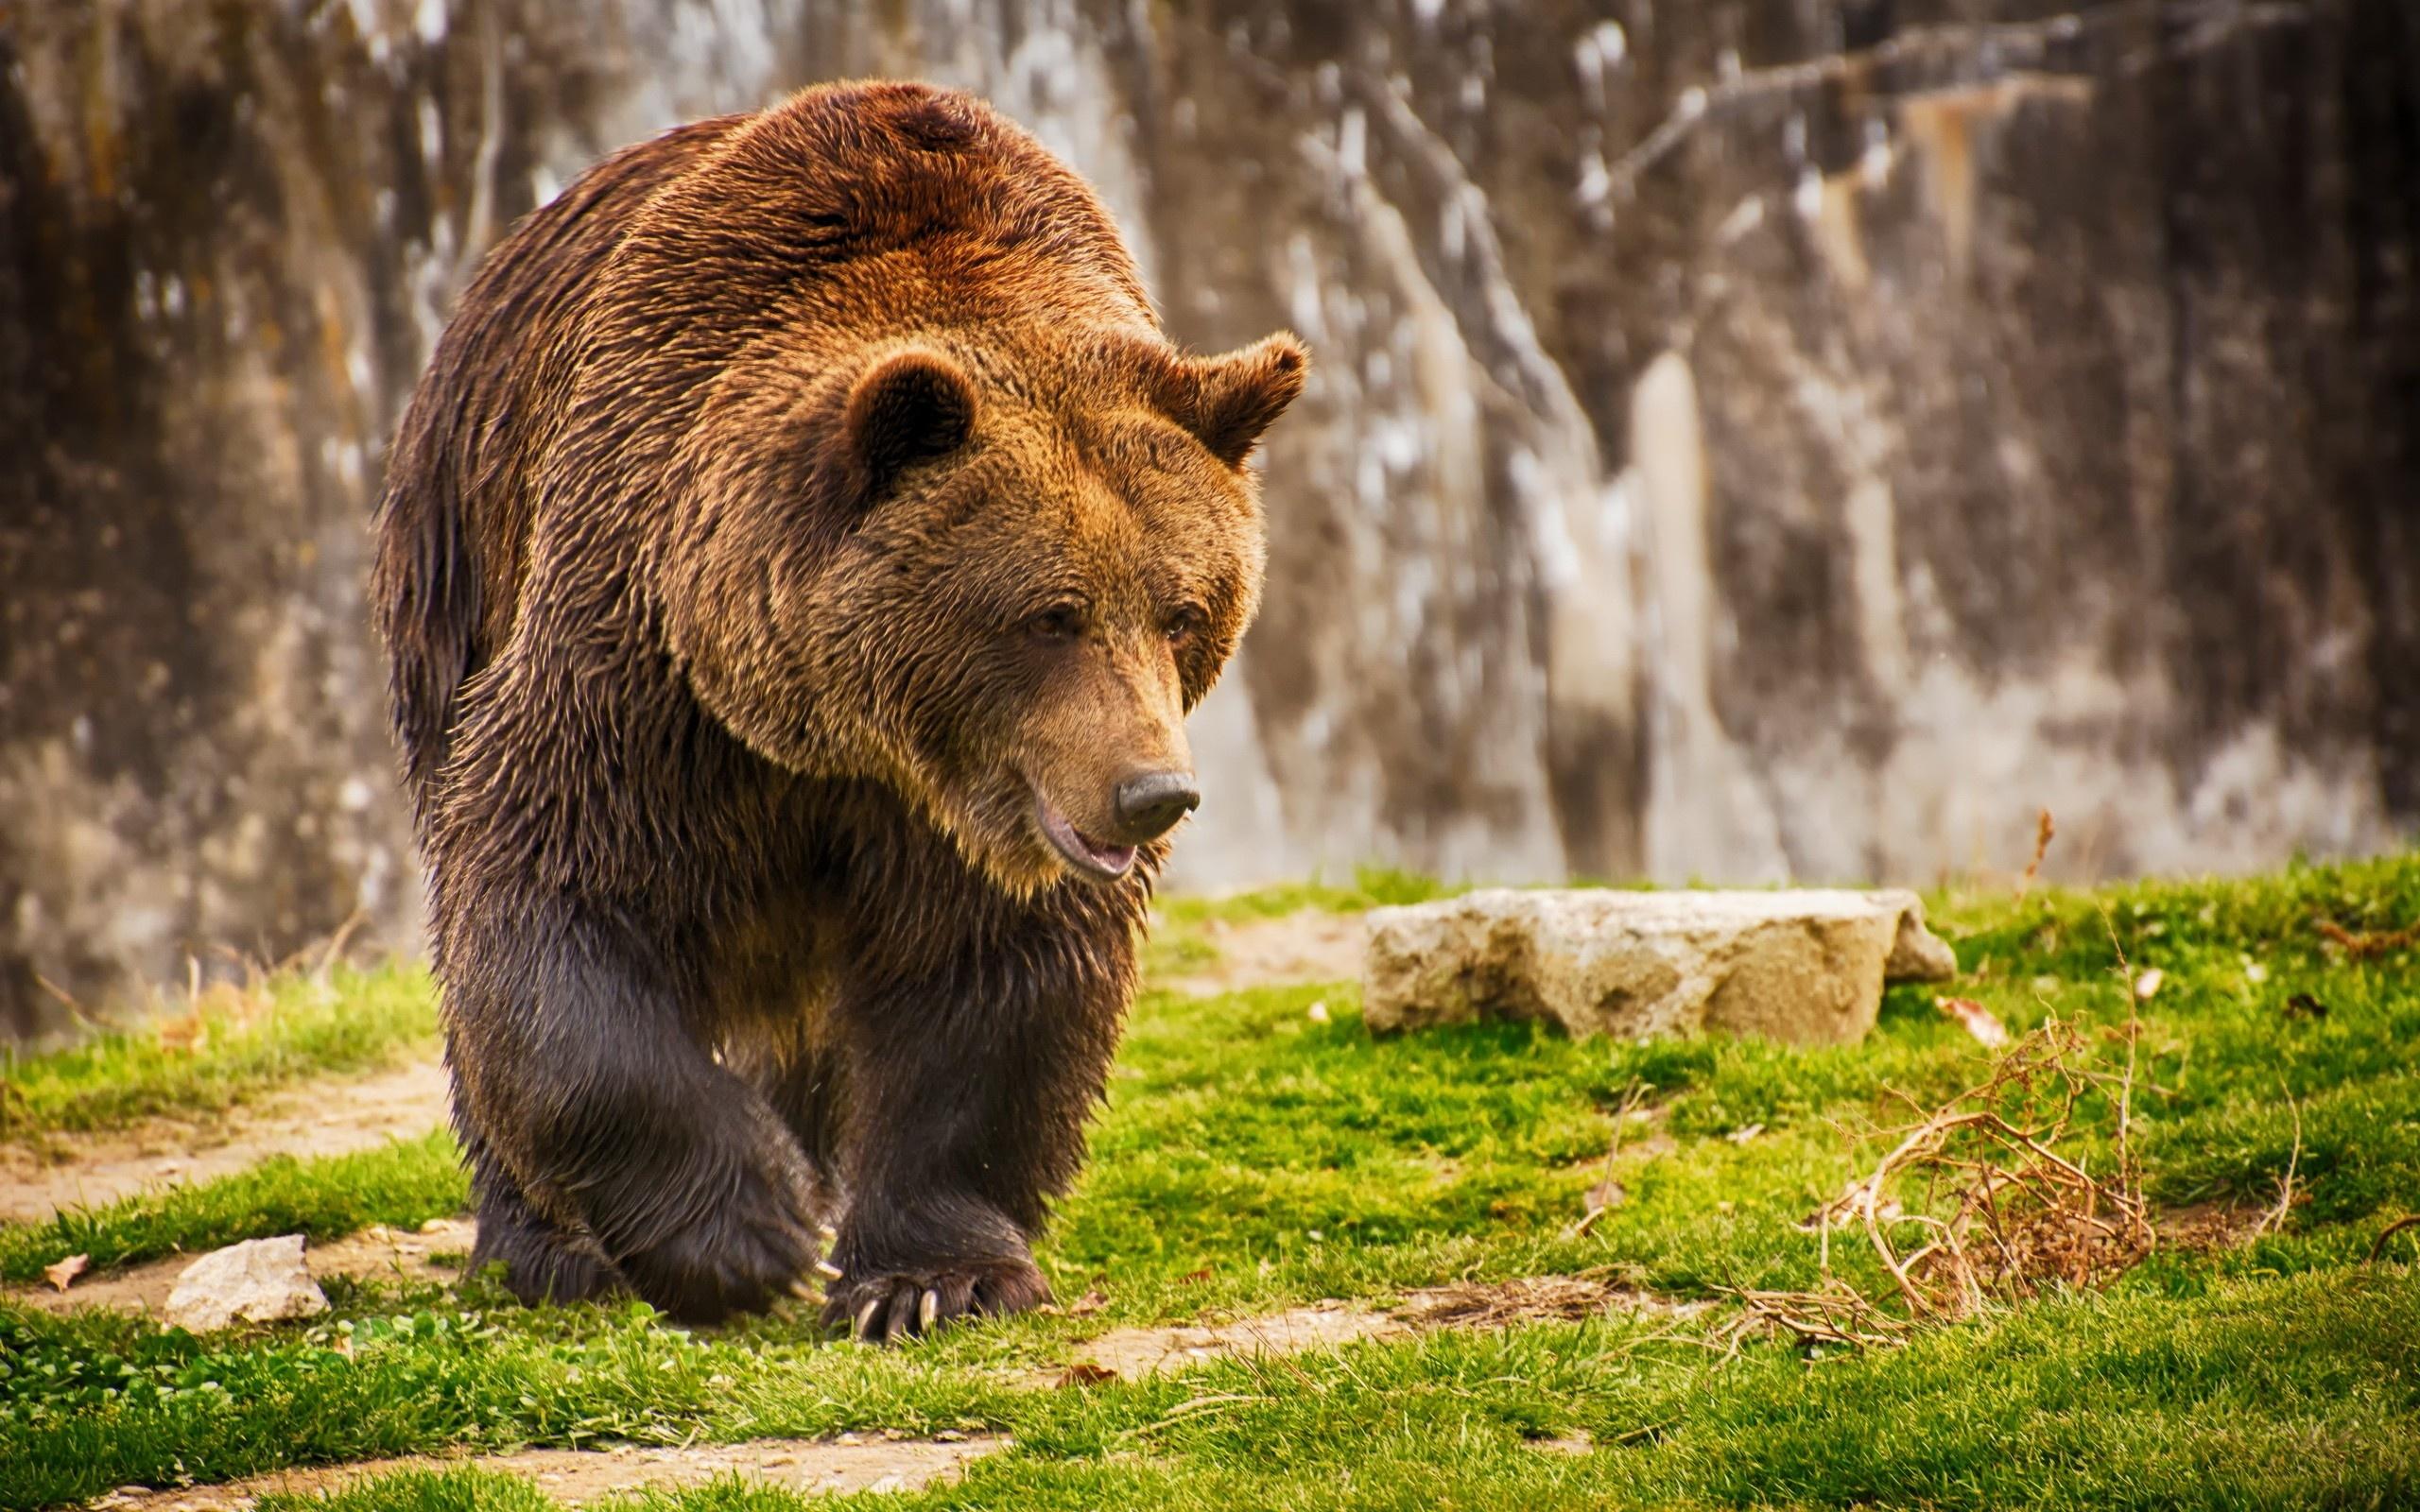 bears (received pronunciation) ipa(key): /bɛə(ɹ)/, /bɛː(ɹ)/, enpr: bâr (general american) ipa(key): /bɛəɹ/, enpr: bâr homophone: bare rhymes: -ɛə(ɹ) (southern us, colloquial) ipa(key): /bɑɹ/ homophone: bar (southern us, colloquial.